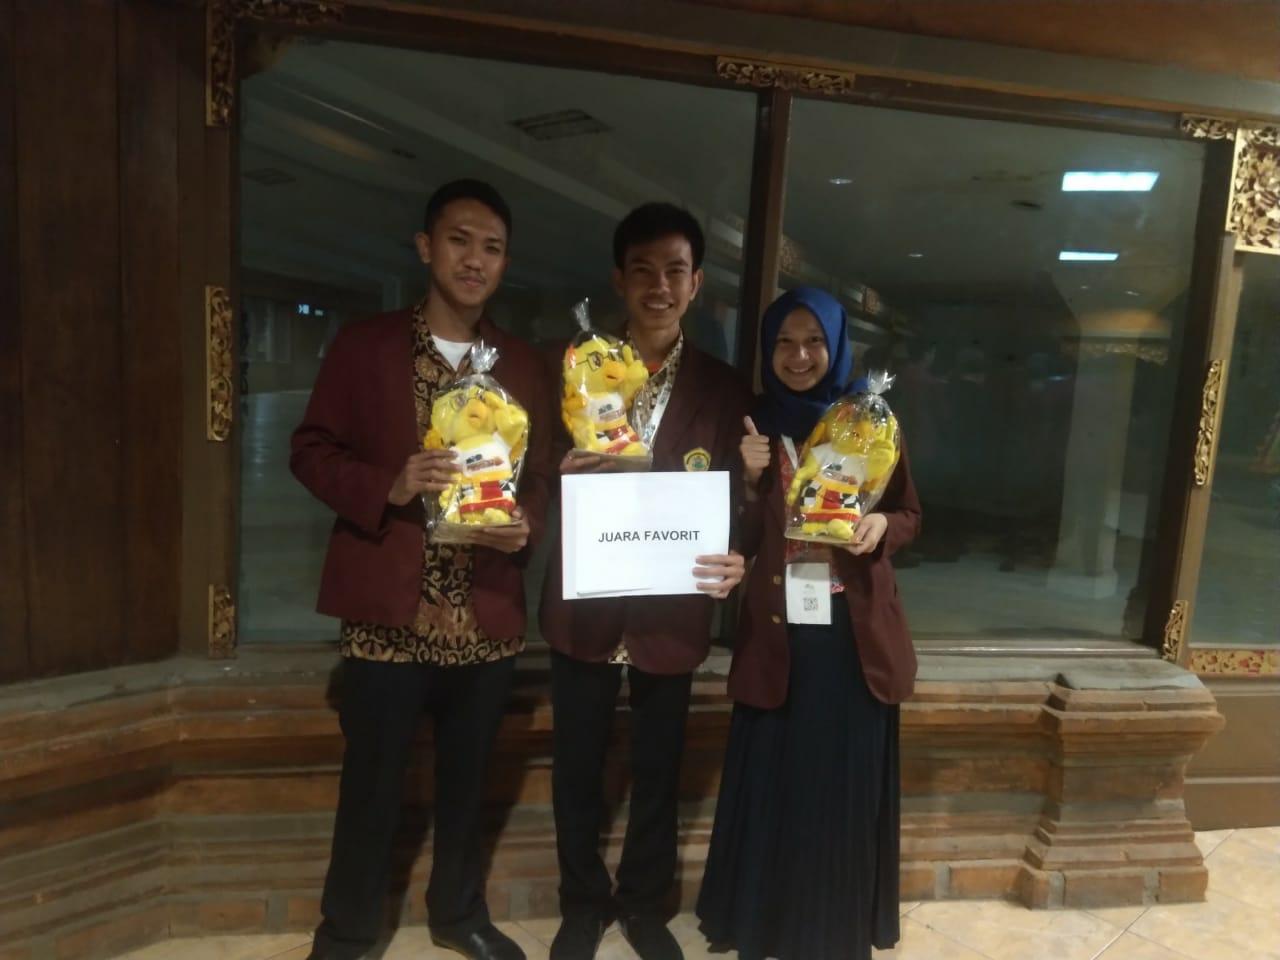 Mahasiswa Untirta Raih Juara Favorit PIMNAS Ke-32 Bali Tahun 2019